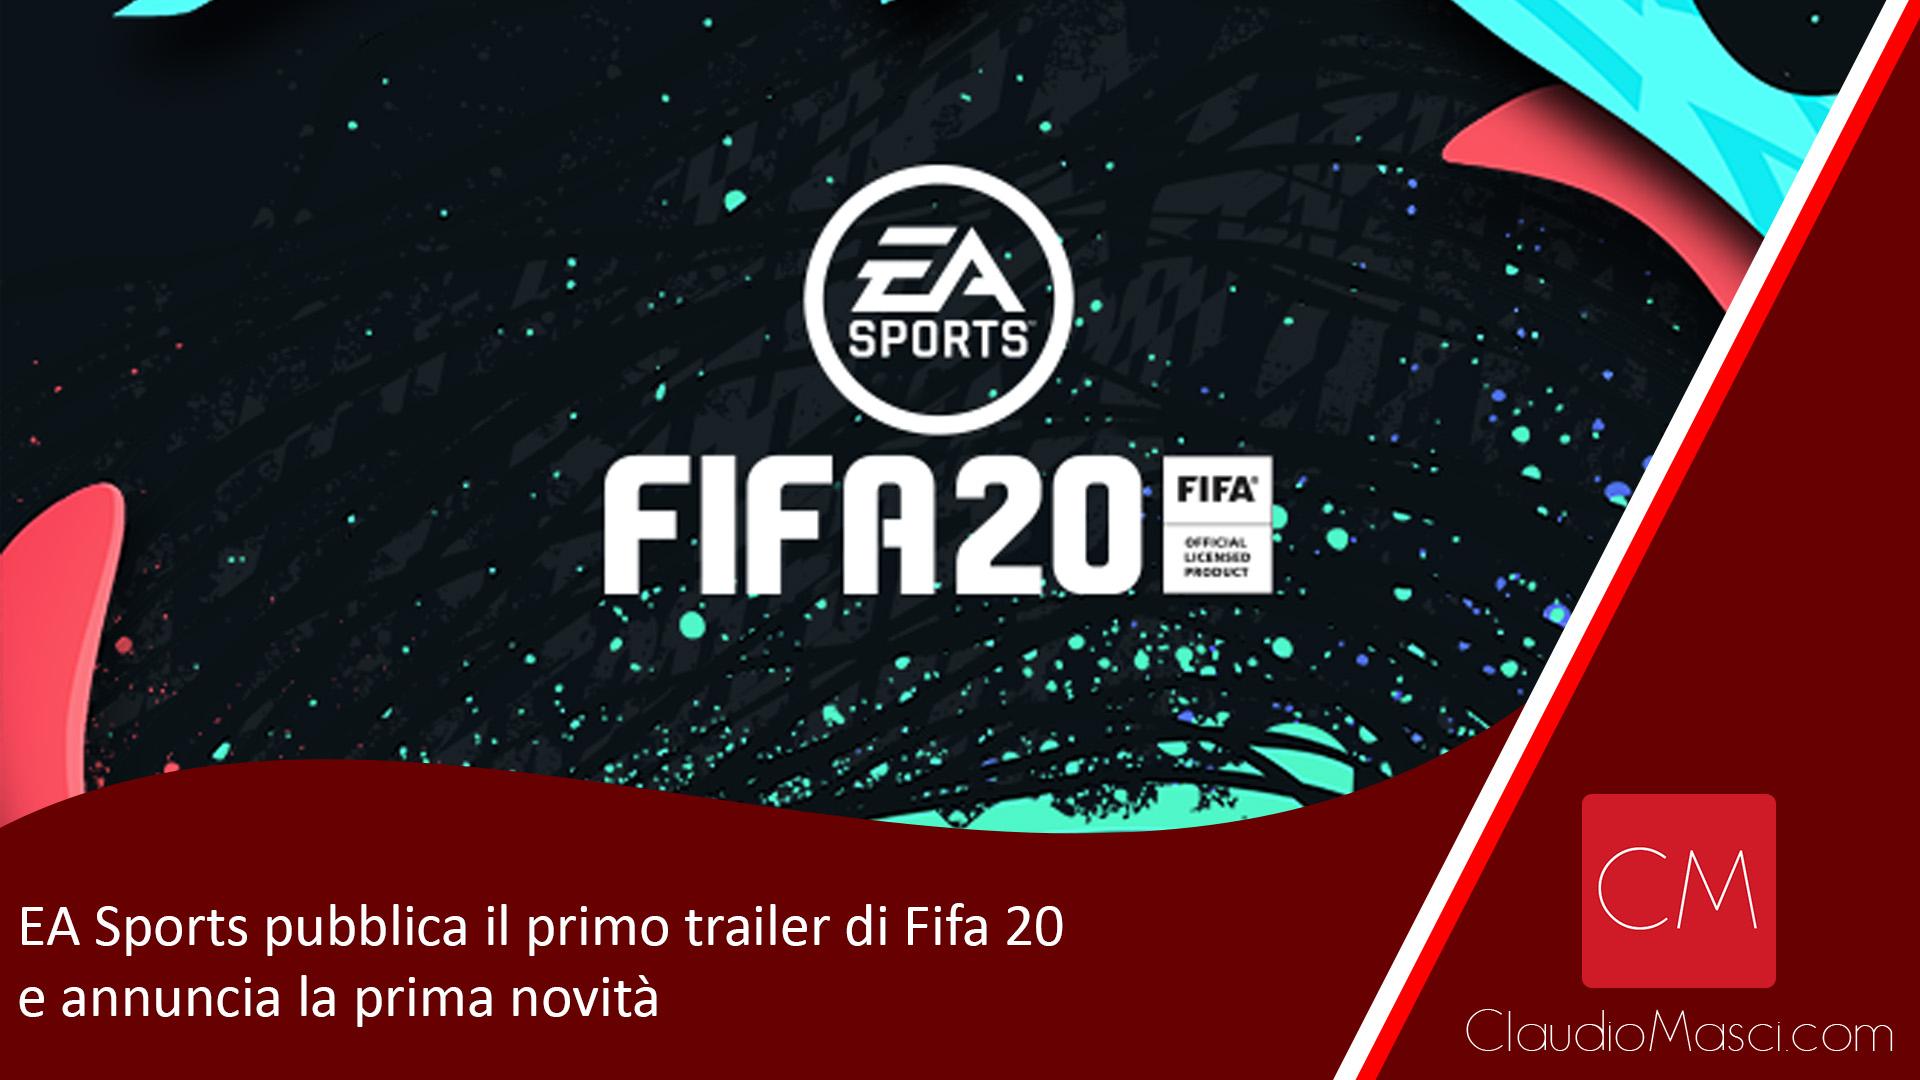 Ea Sports pubblica il primo trailer di Fifa 20 e annuncia la prima novità